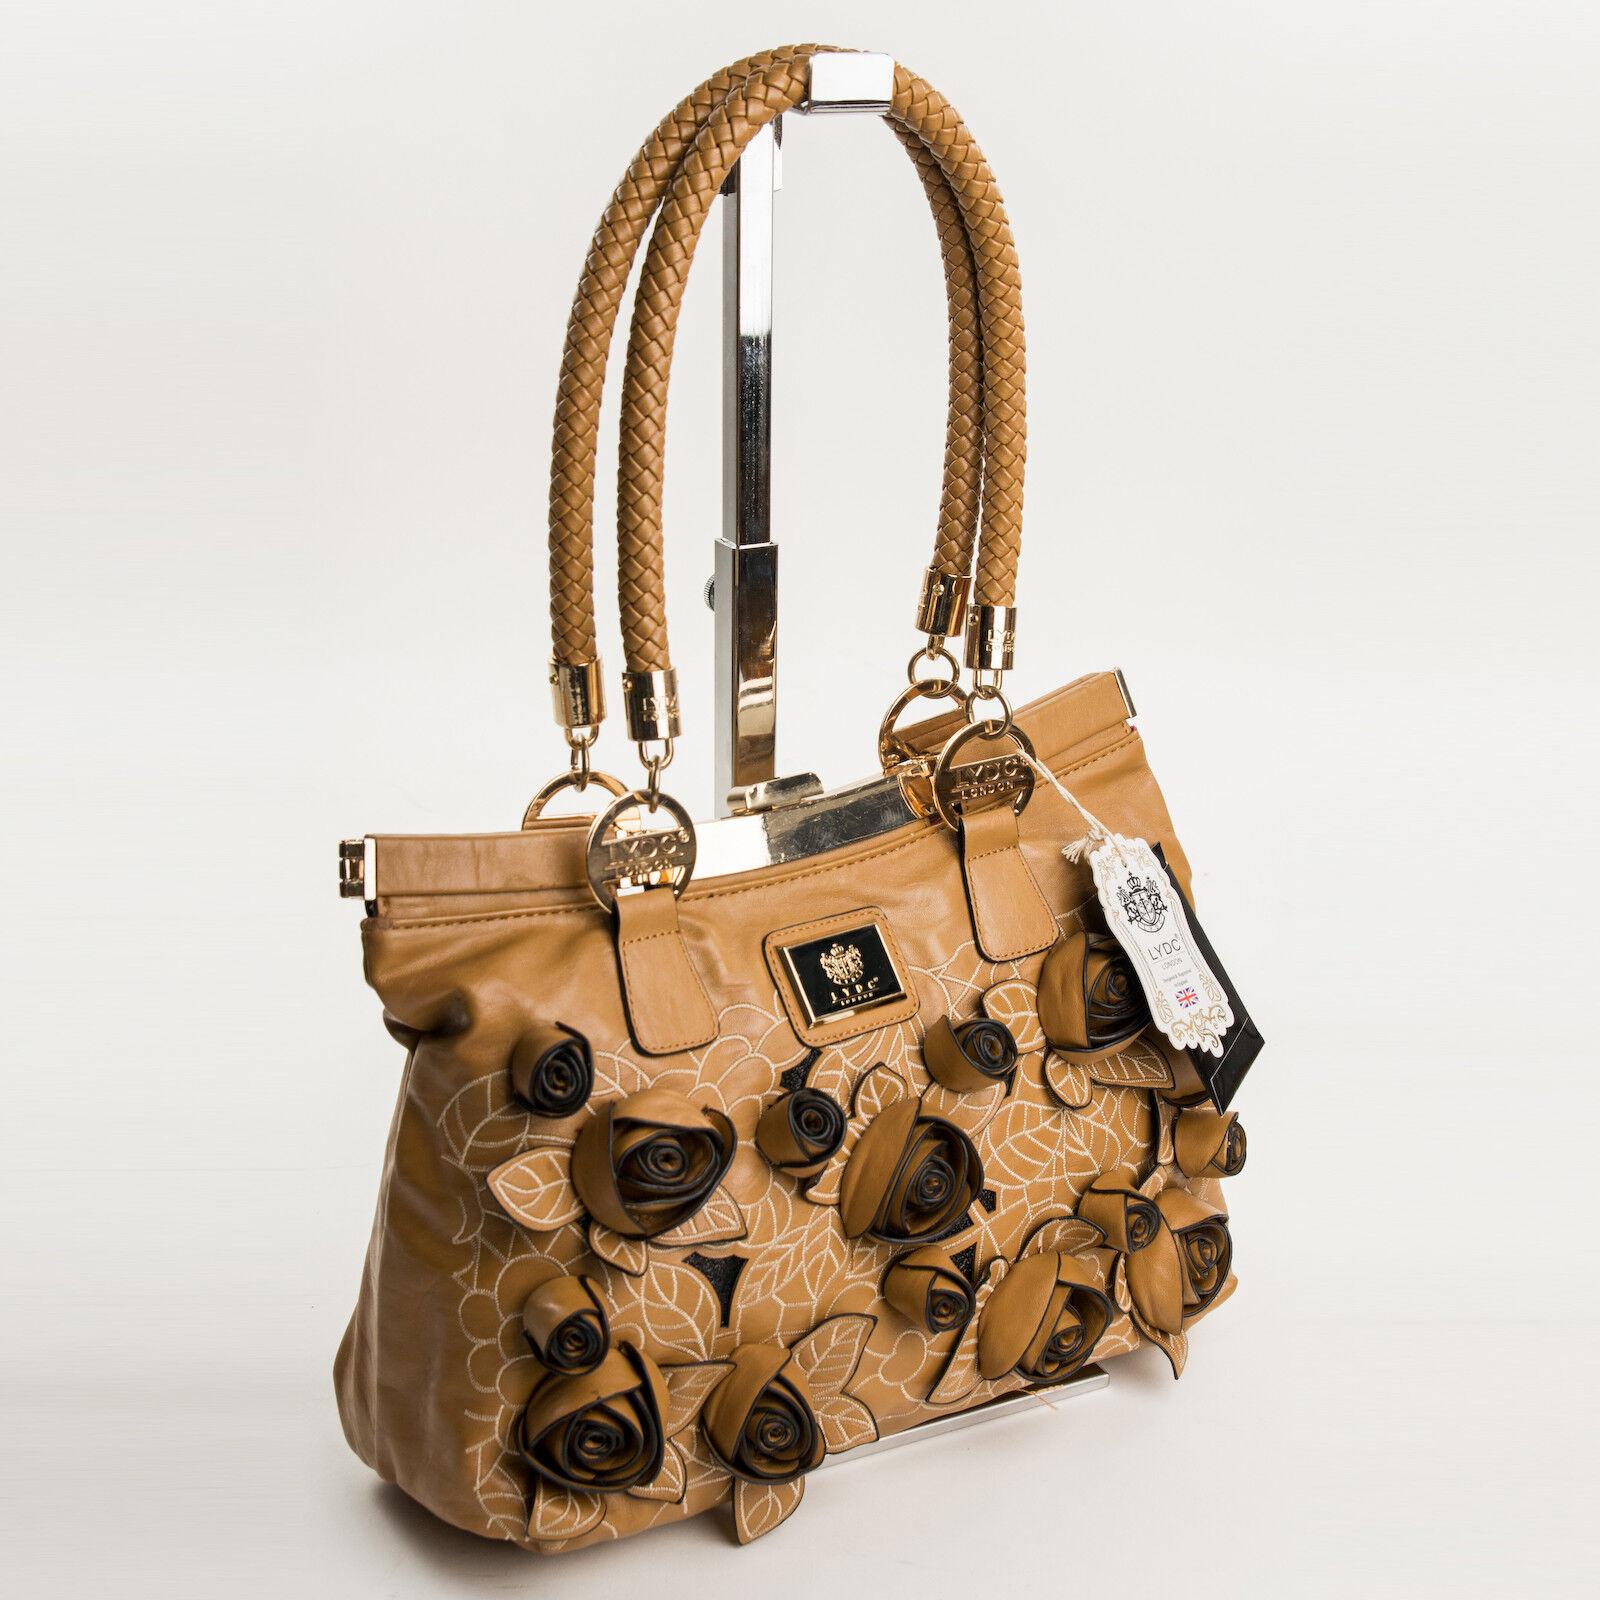 Tote Bag Damentasche Handtasche Tragetasche Cognac 3D Blumen Design by LYDC 395B